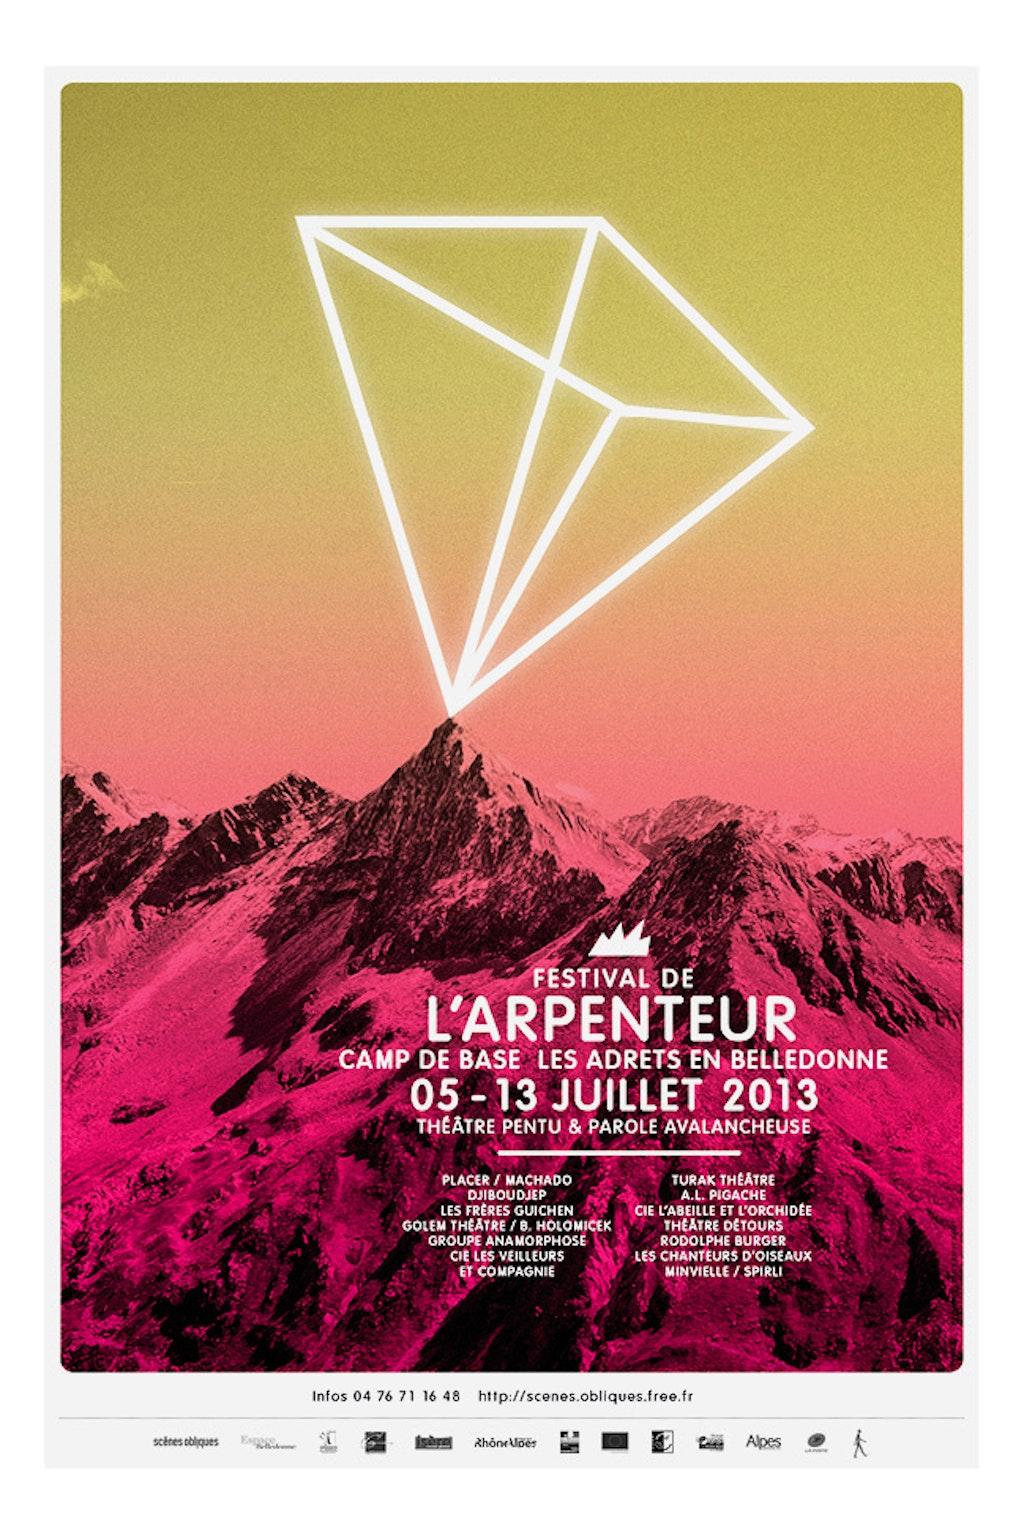 festival de l'Arpenteur 2013